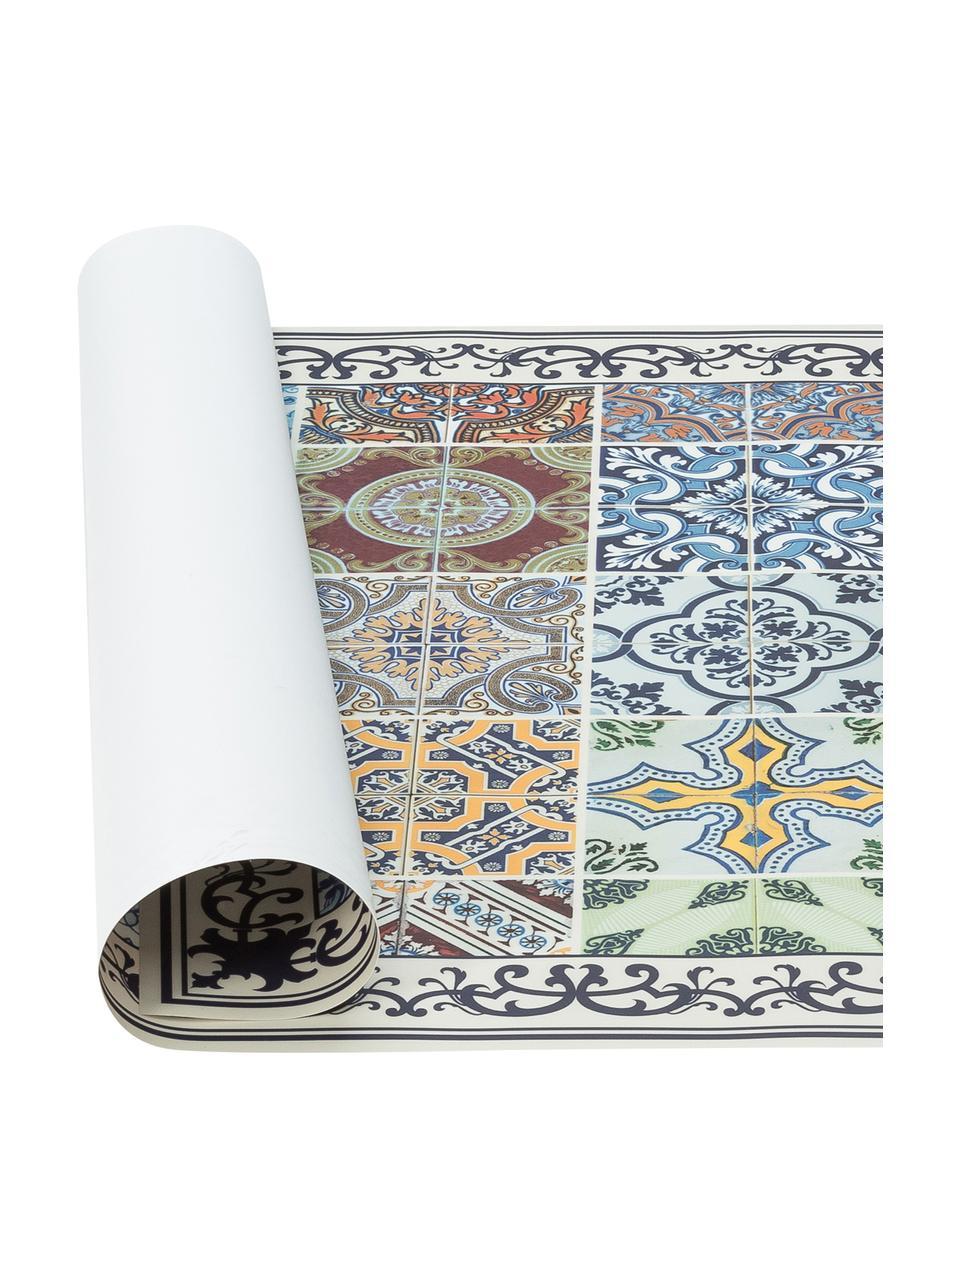 Tappetino antiscivolo in vinile con stampa colorata Pablo, Vinile riciclabile, Multicolore, Larg. 65 x Lung. 255 cm